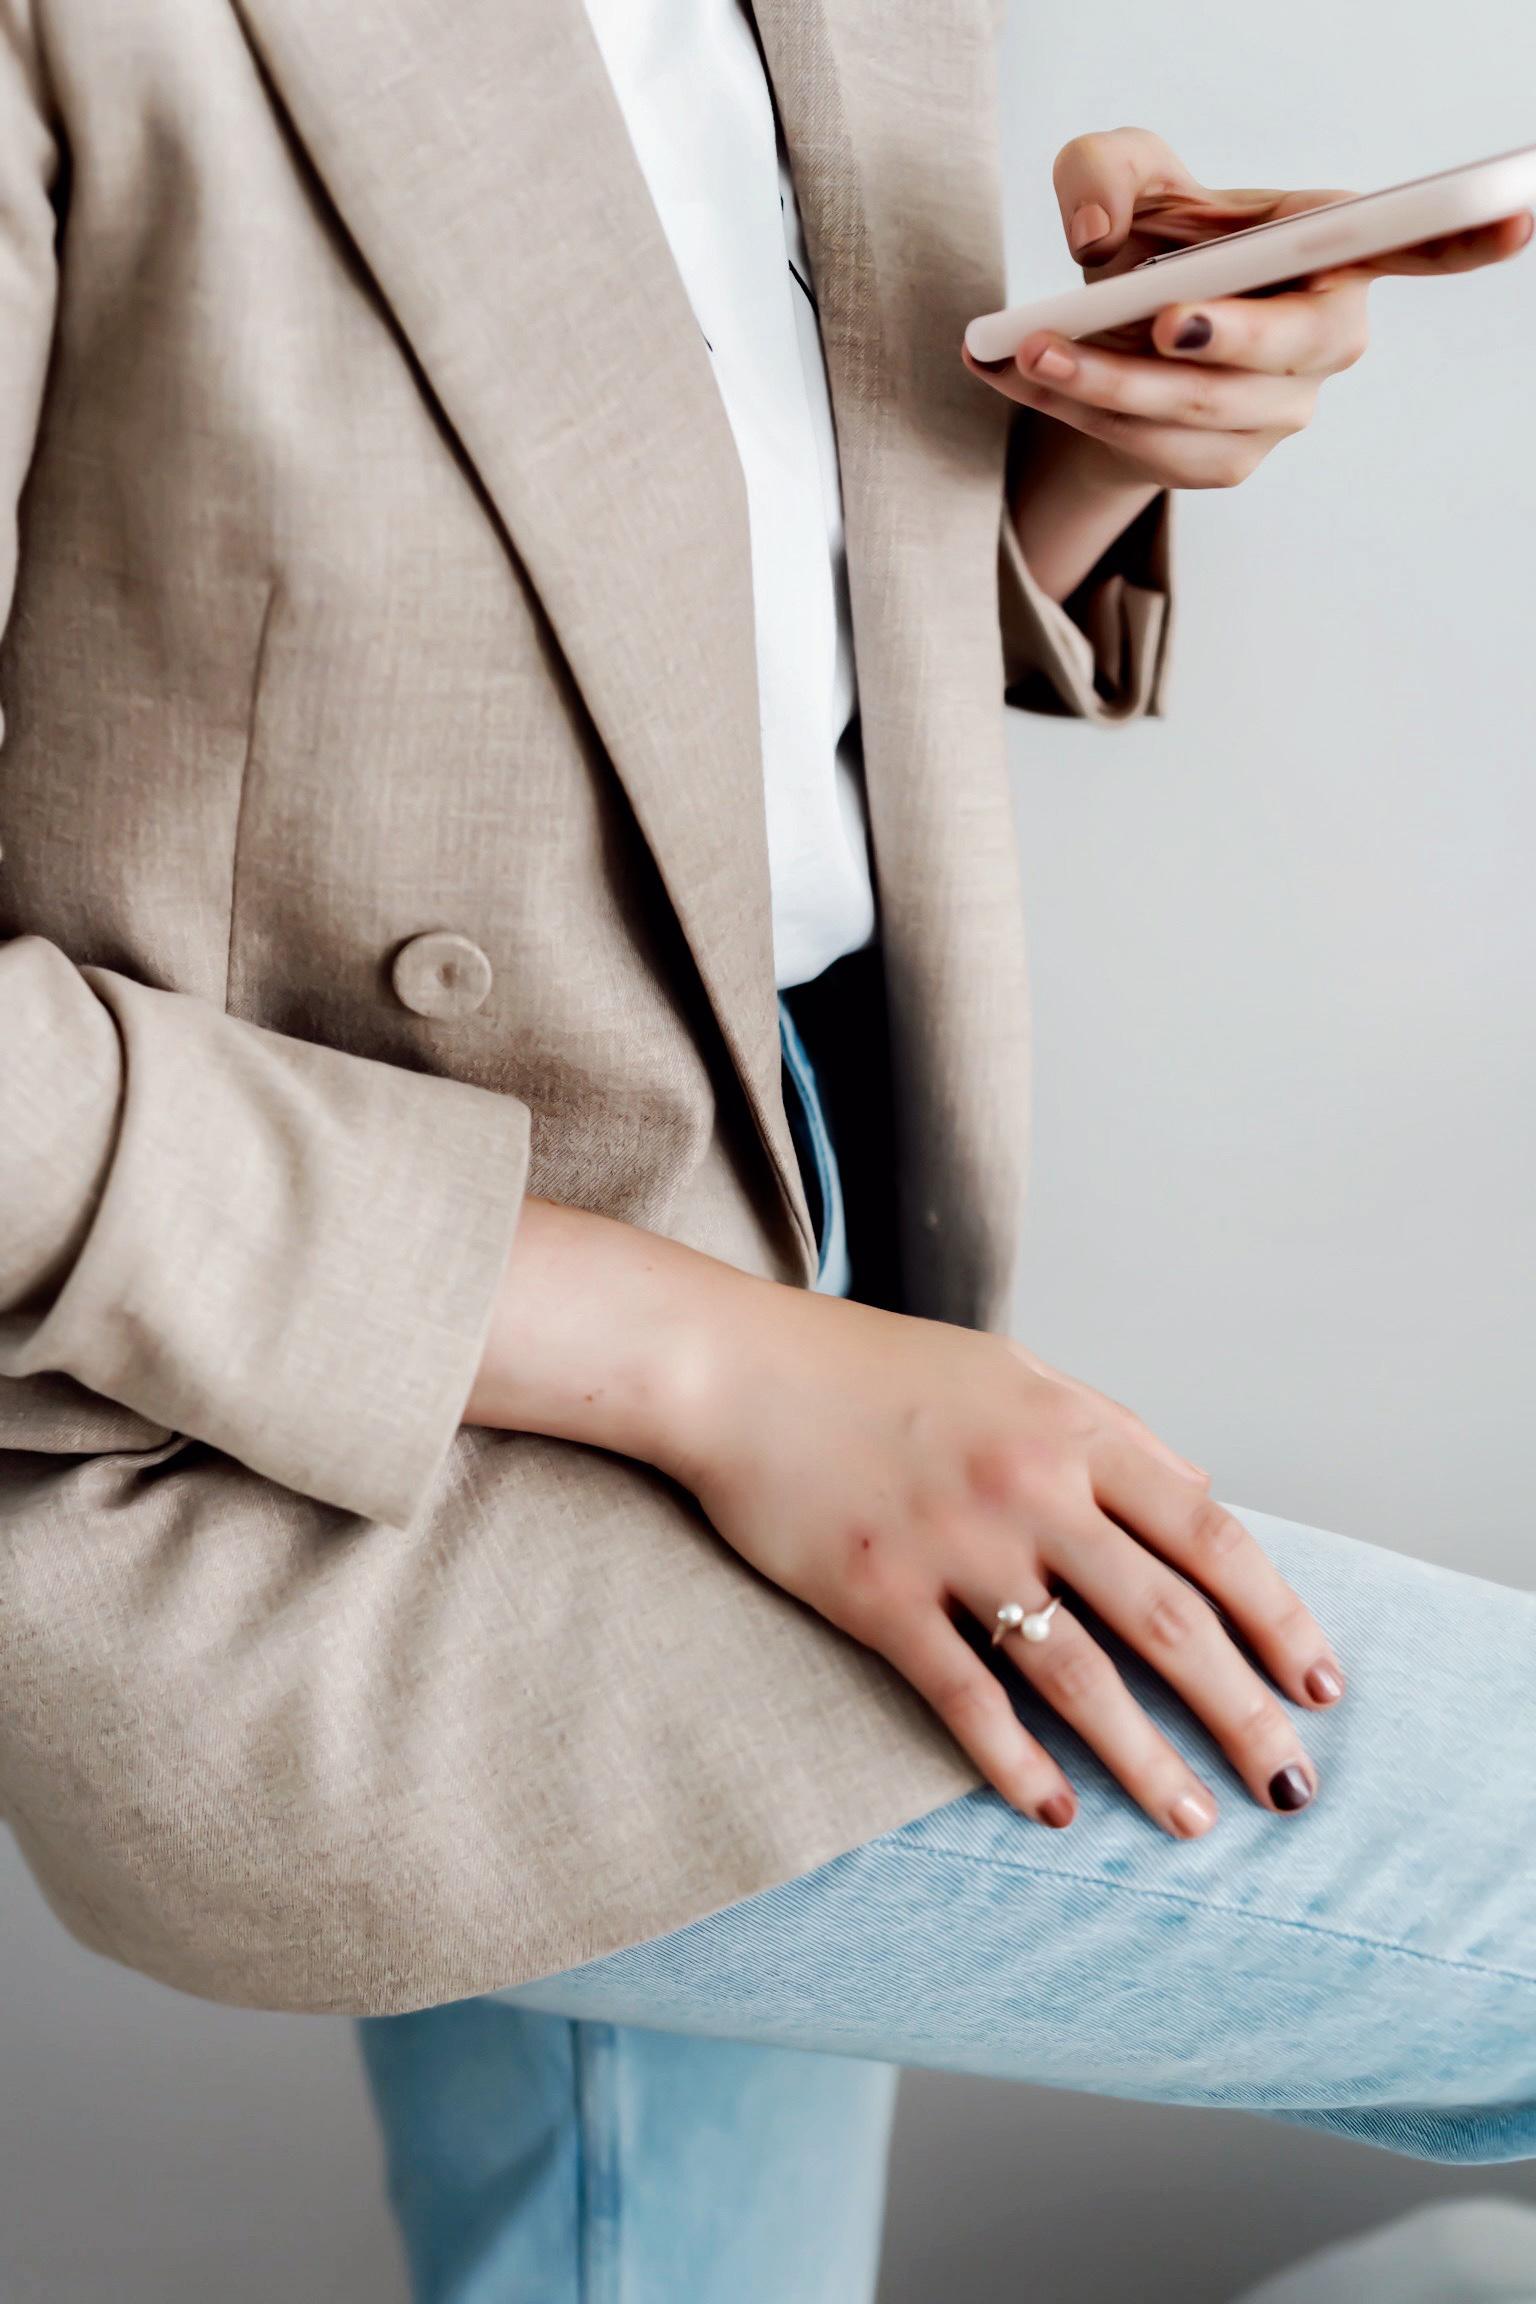 rainbow nails. Ein Trend auf den Nägeln.